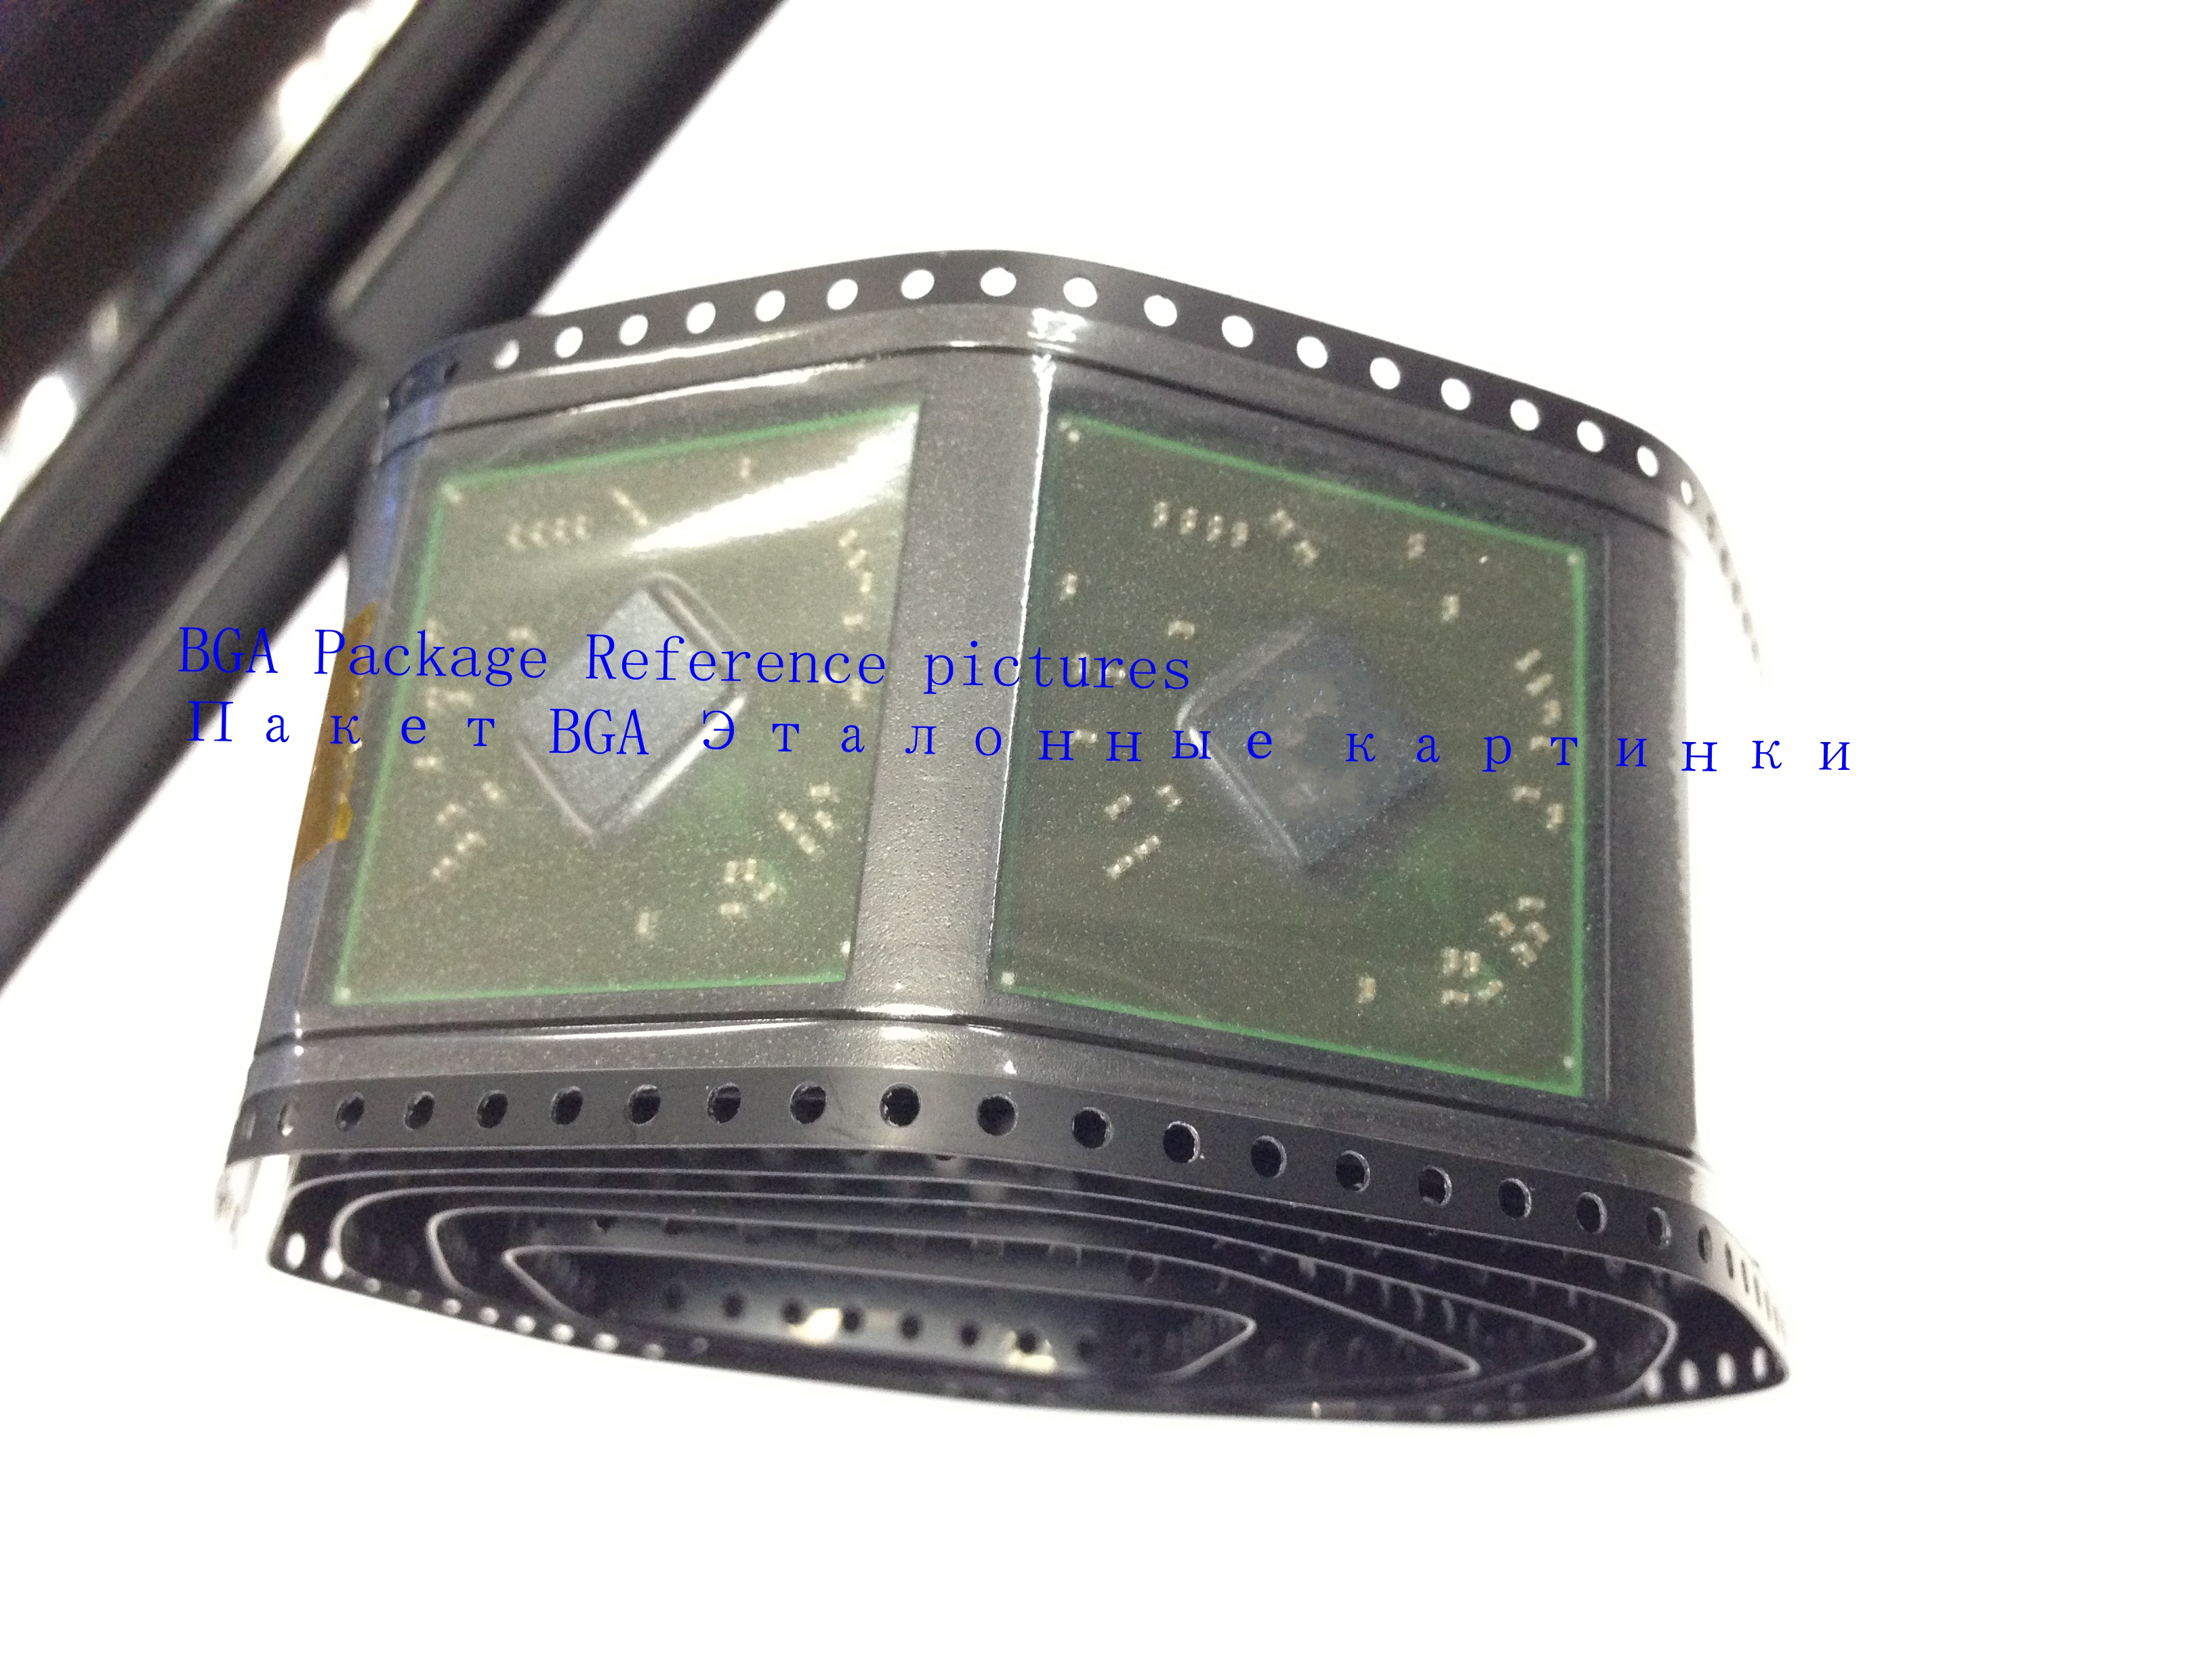 1 pcs/lot colle 100% Nouveau G86-620-A2 G86 620 A2 Chipset BGA1 pcs/lot colle 100% Nouveau G86-620-A2 G86 620 A2 Chipset BGA